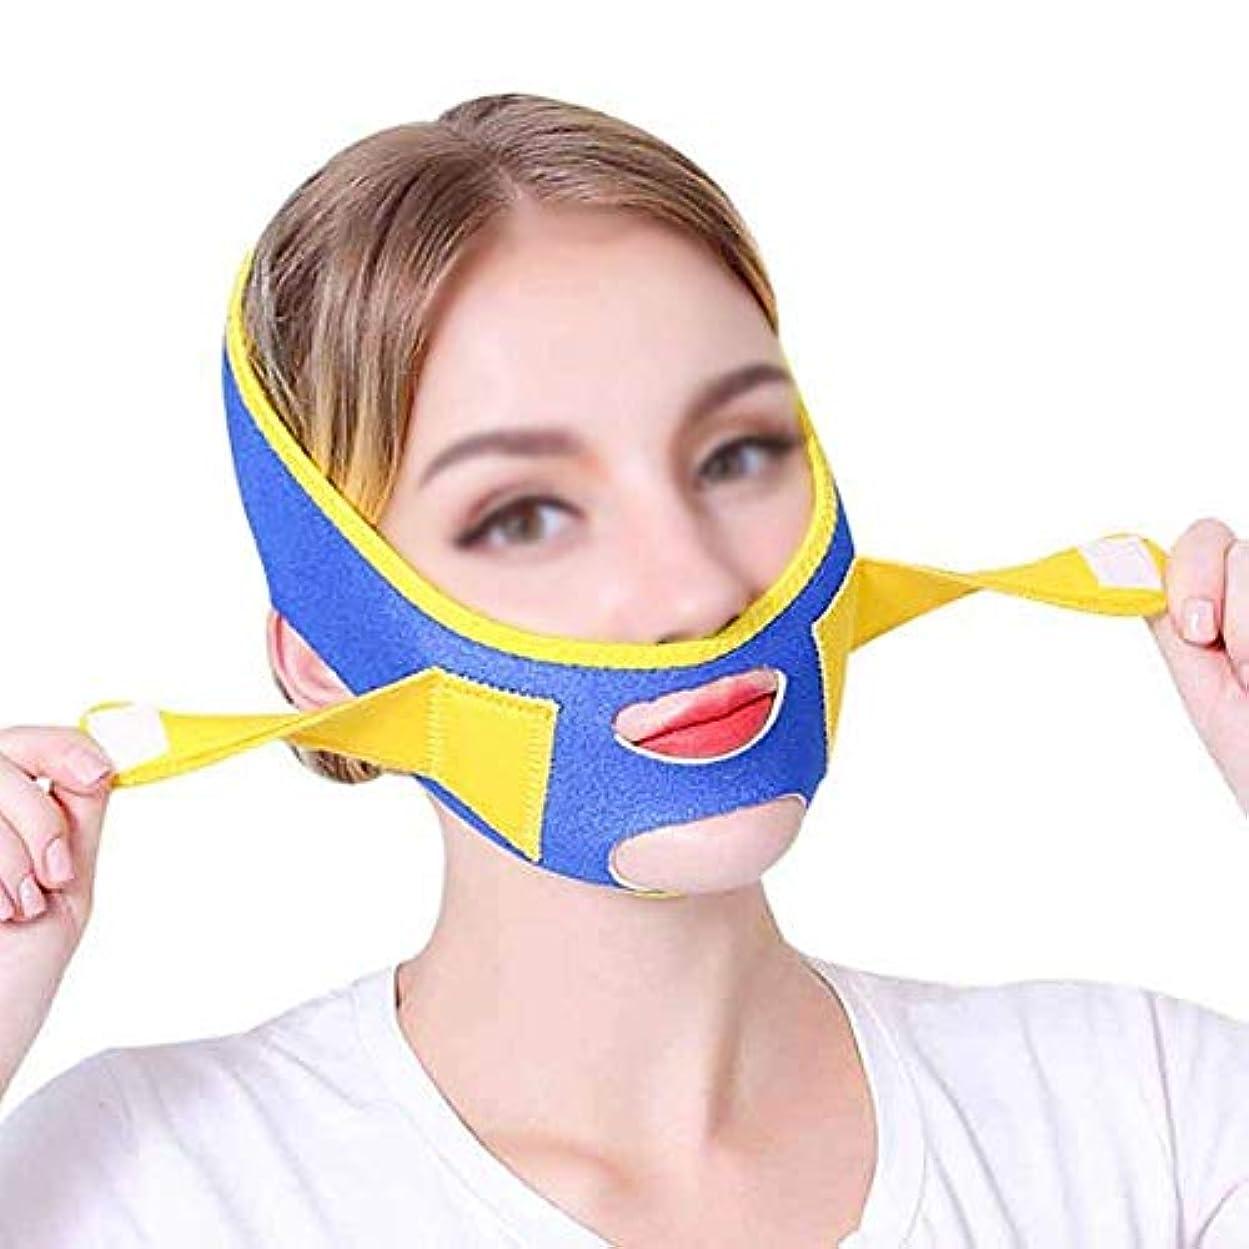 暴力的な終点浸漬フェイスリフトマスク、あごひも回復包帯薄いフェイスマスクVフェイスステッカーフェイスリフトステッカー韓国本物のリフティング引き締め引き締め成形薄いダブルチンフェイスリフト睡眠包帯アーティファクト